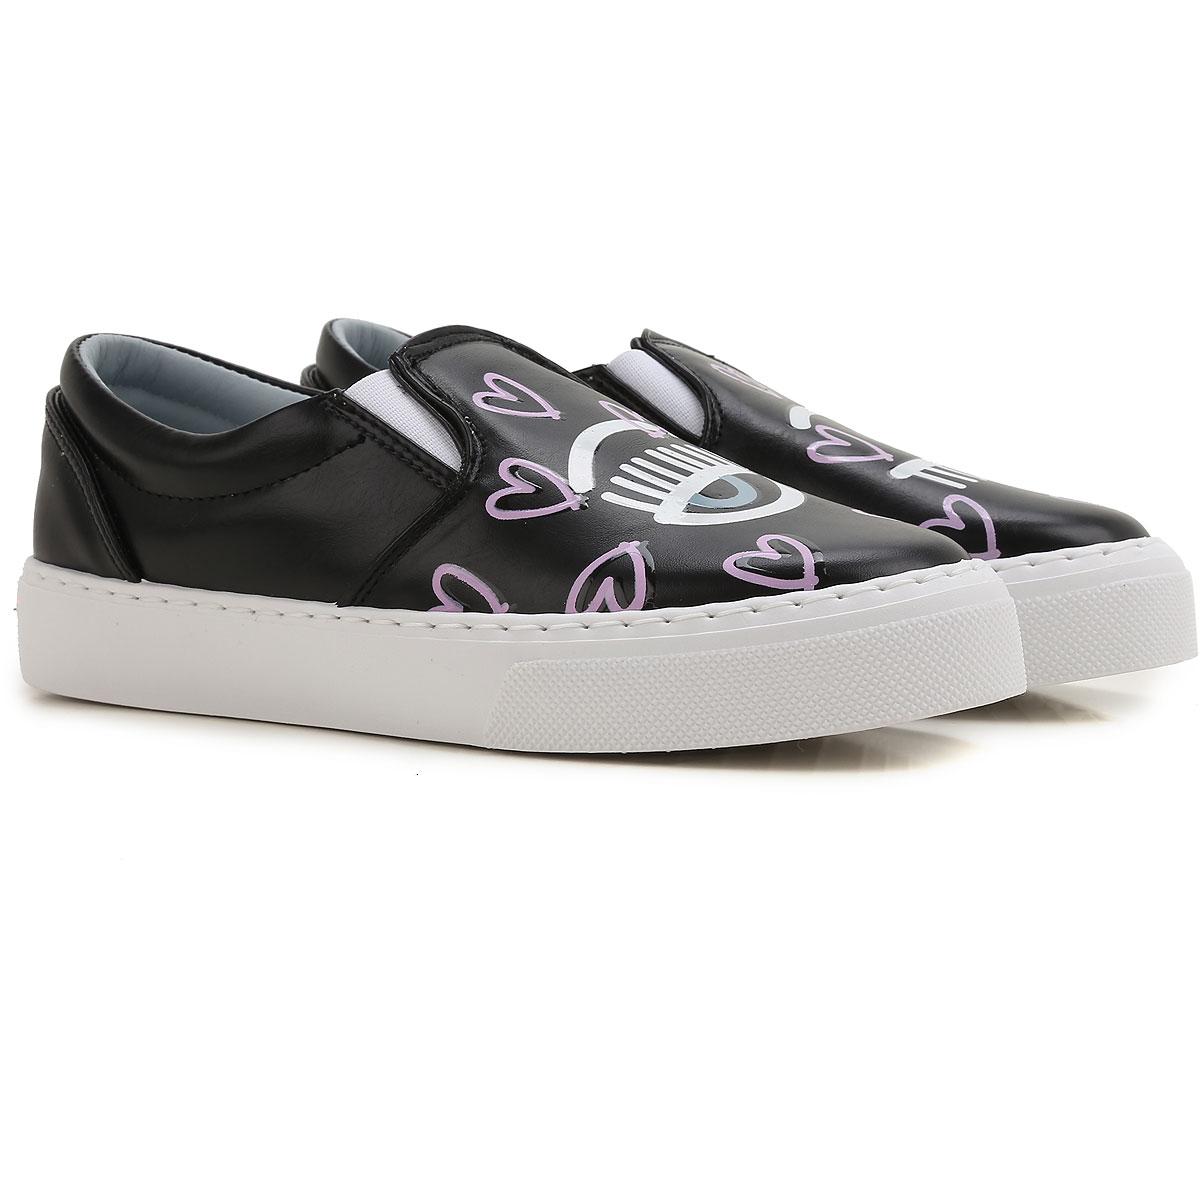 Chiara Ferragni Slip on Sneakers for Women On Sale, Black, Leather, 2019, 7 8